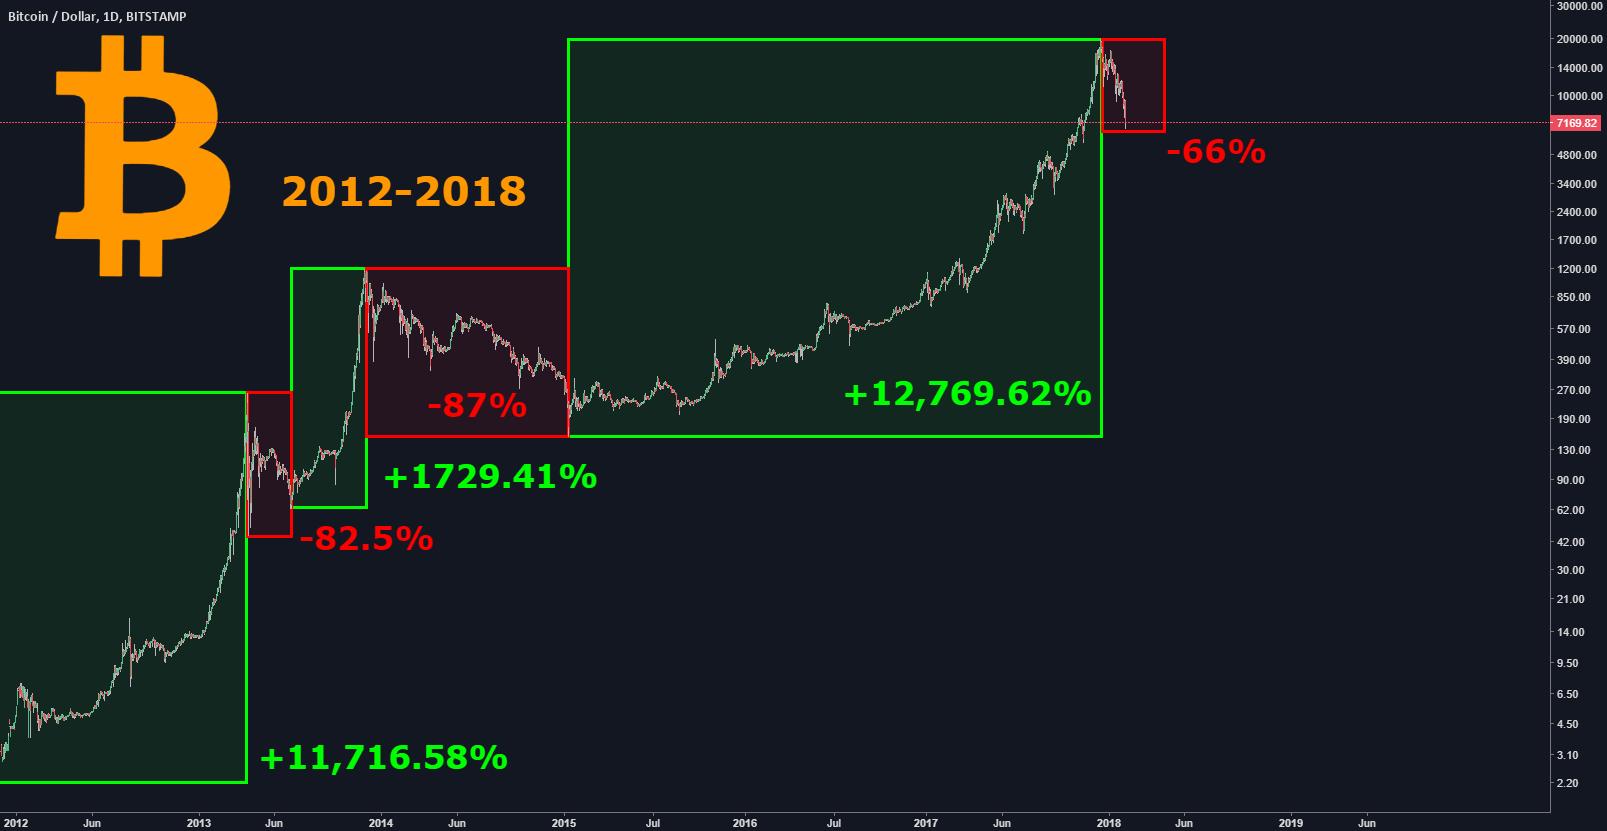 Bitcoin - 2012-2018 Dominance of Bulls